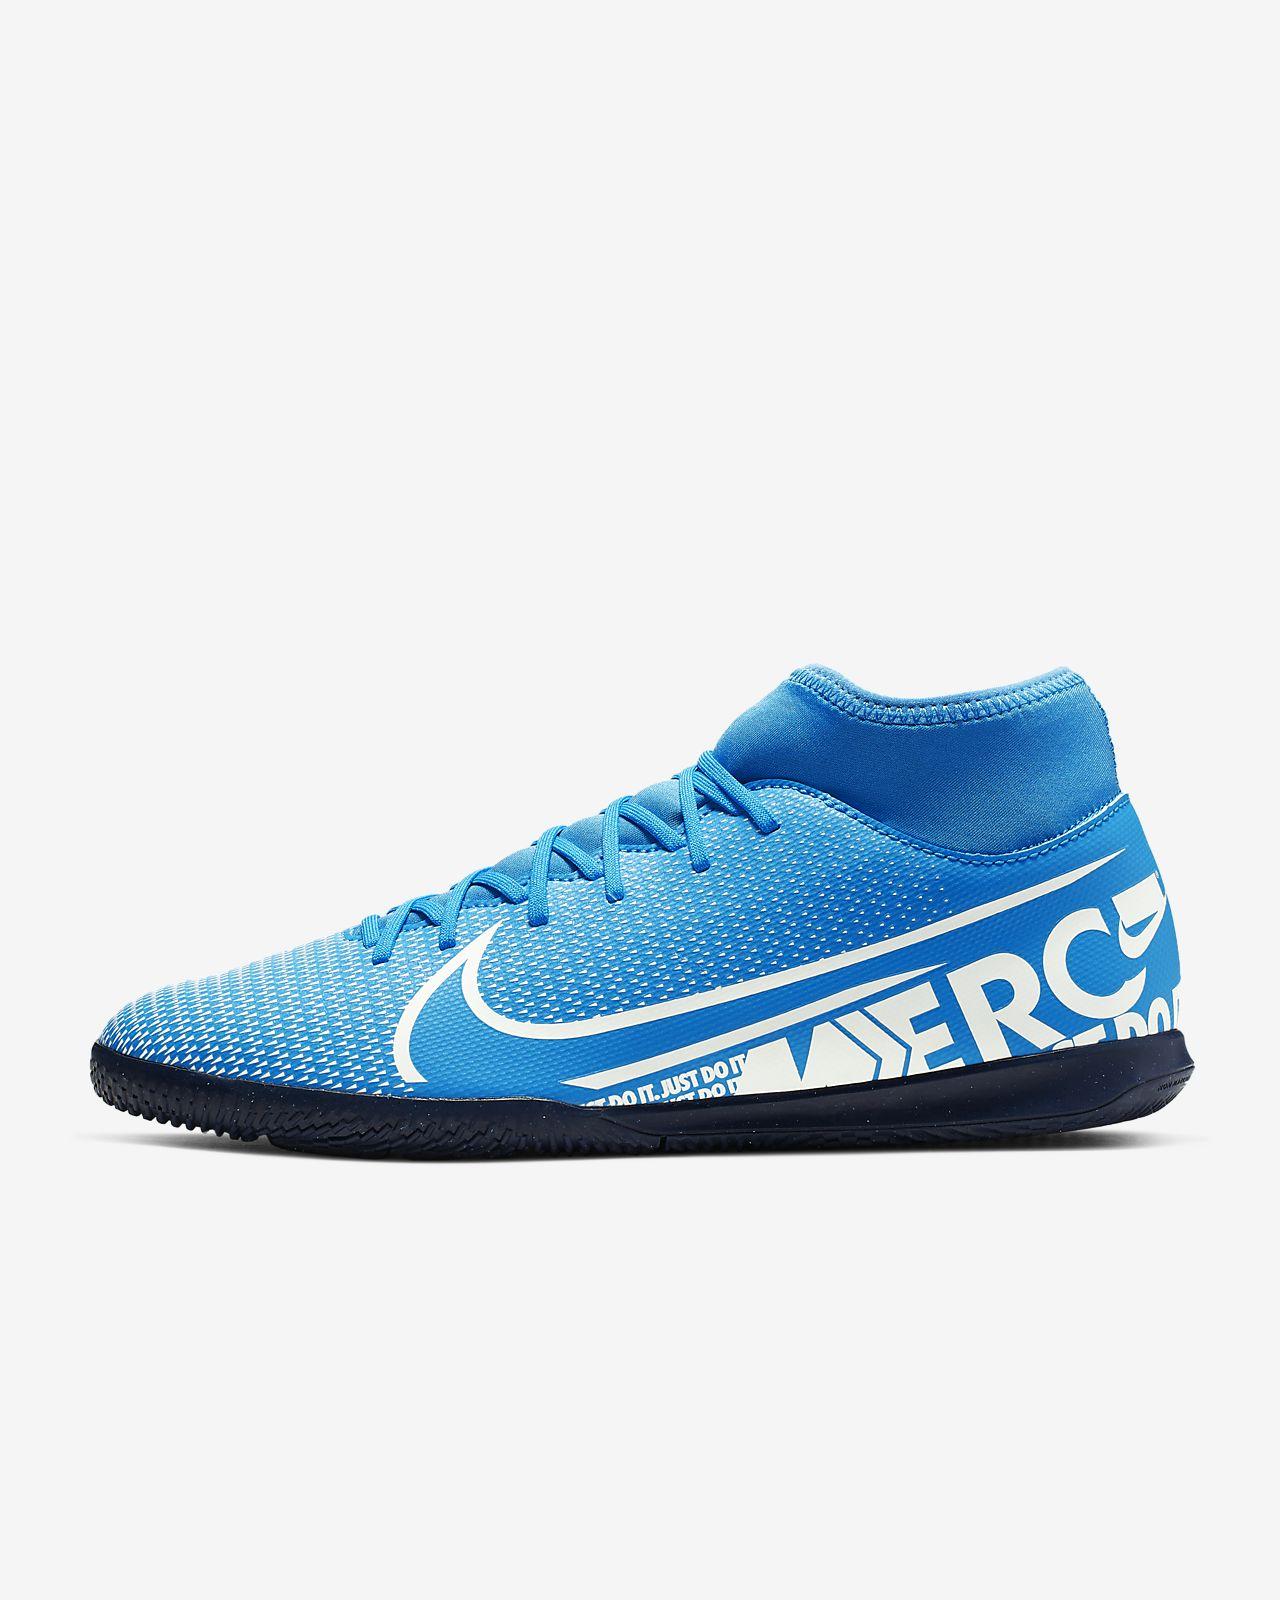 Køb Indendførsfodboldsko. Nike DK